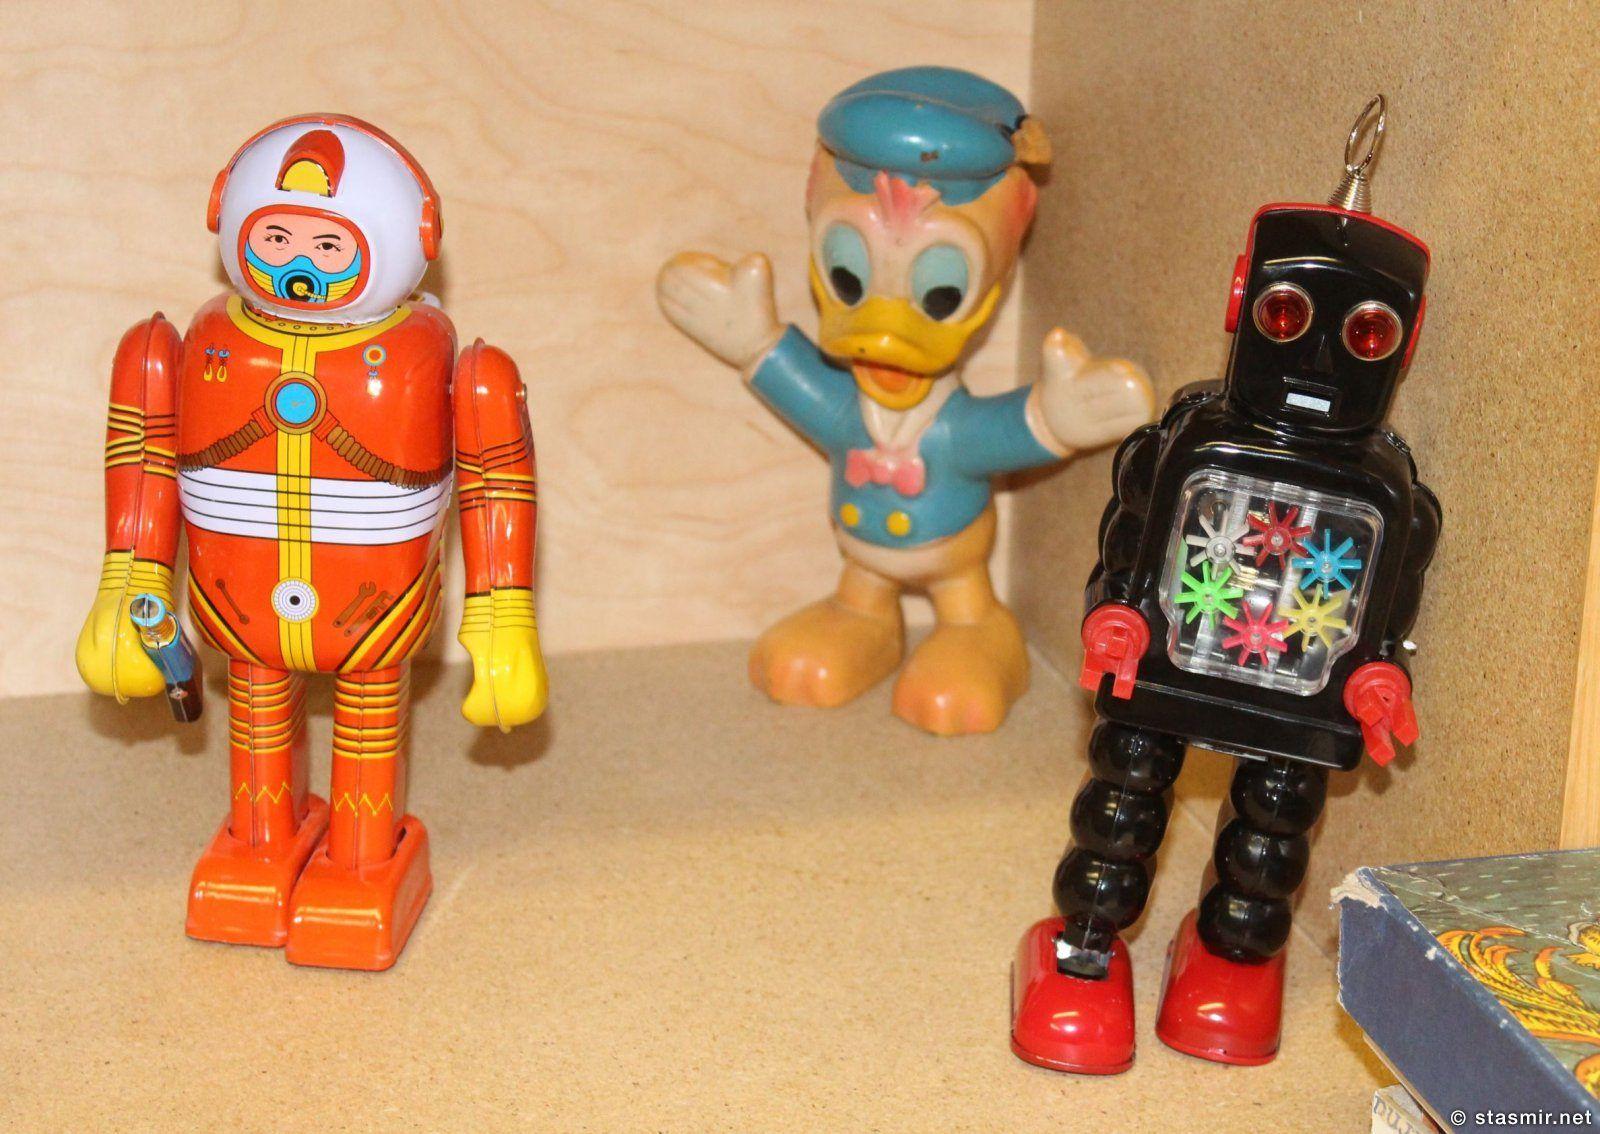 детские игрушки из исландского музея, фото Стасмир, photo Stasmir